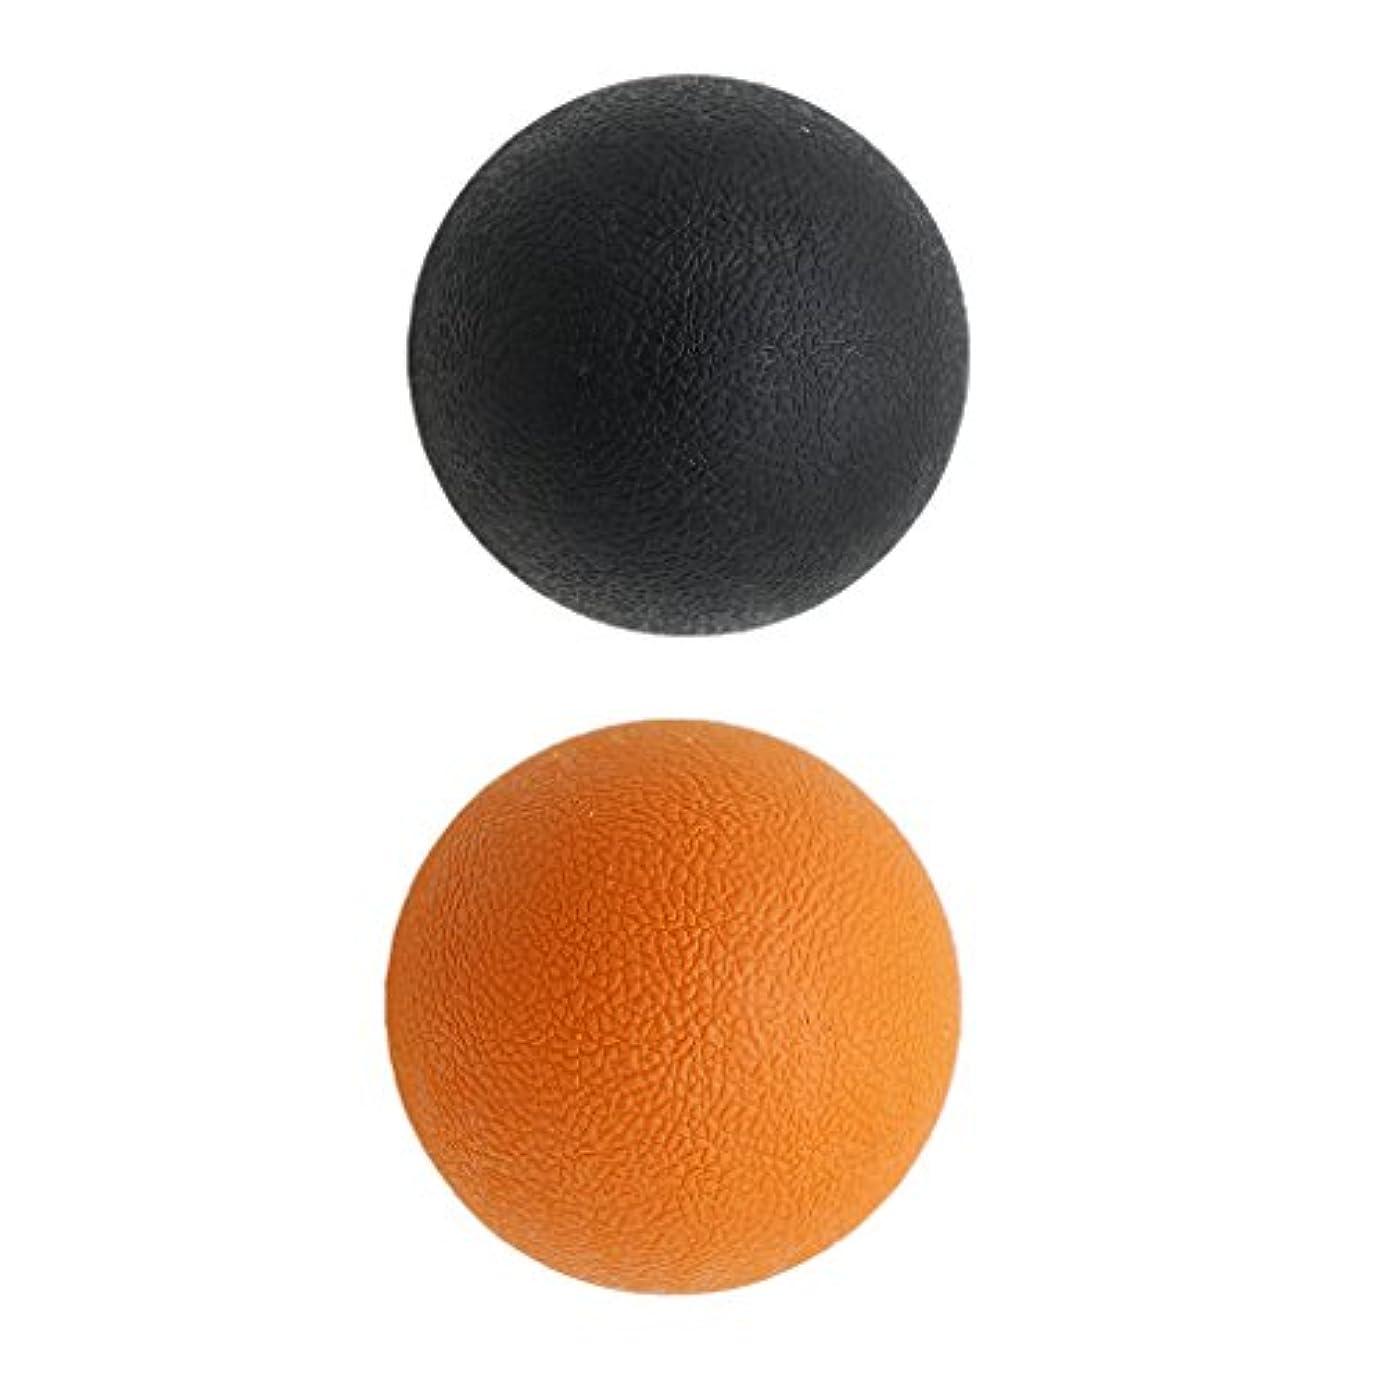 投げる統計マラウイ2個 マッサージボール ラクロスボール 背部 トリガ ポイント マッサージ 多色選べる - オレンジブラック